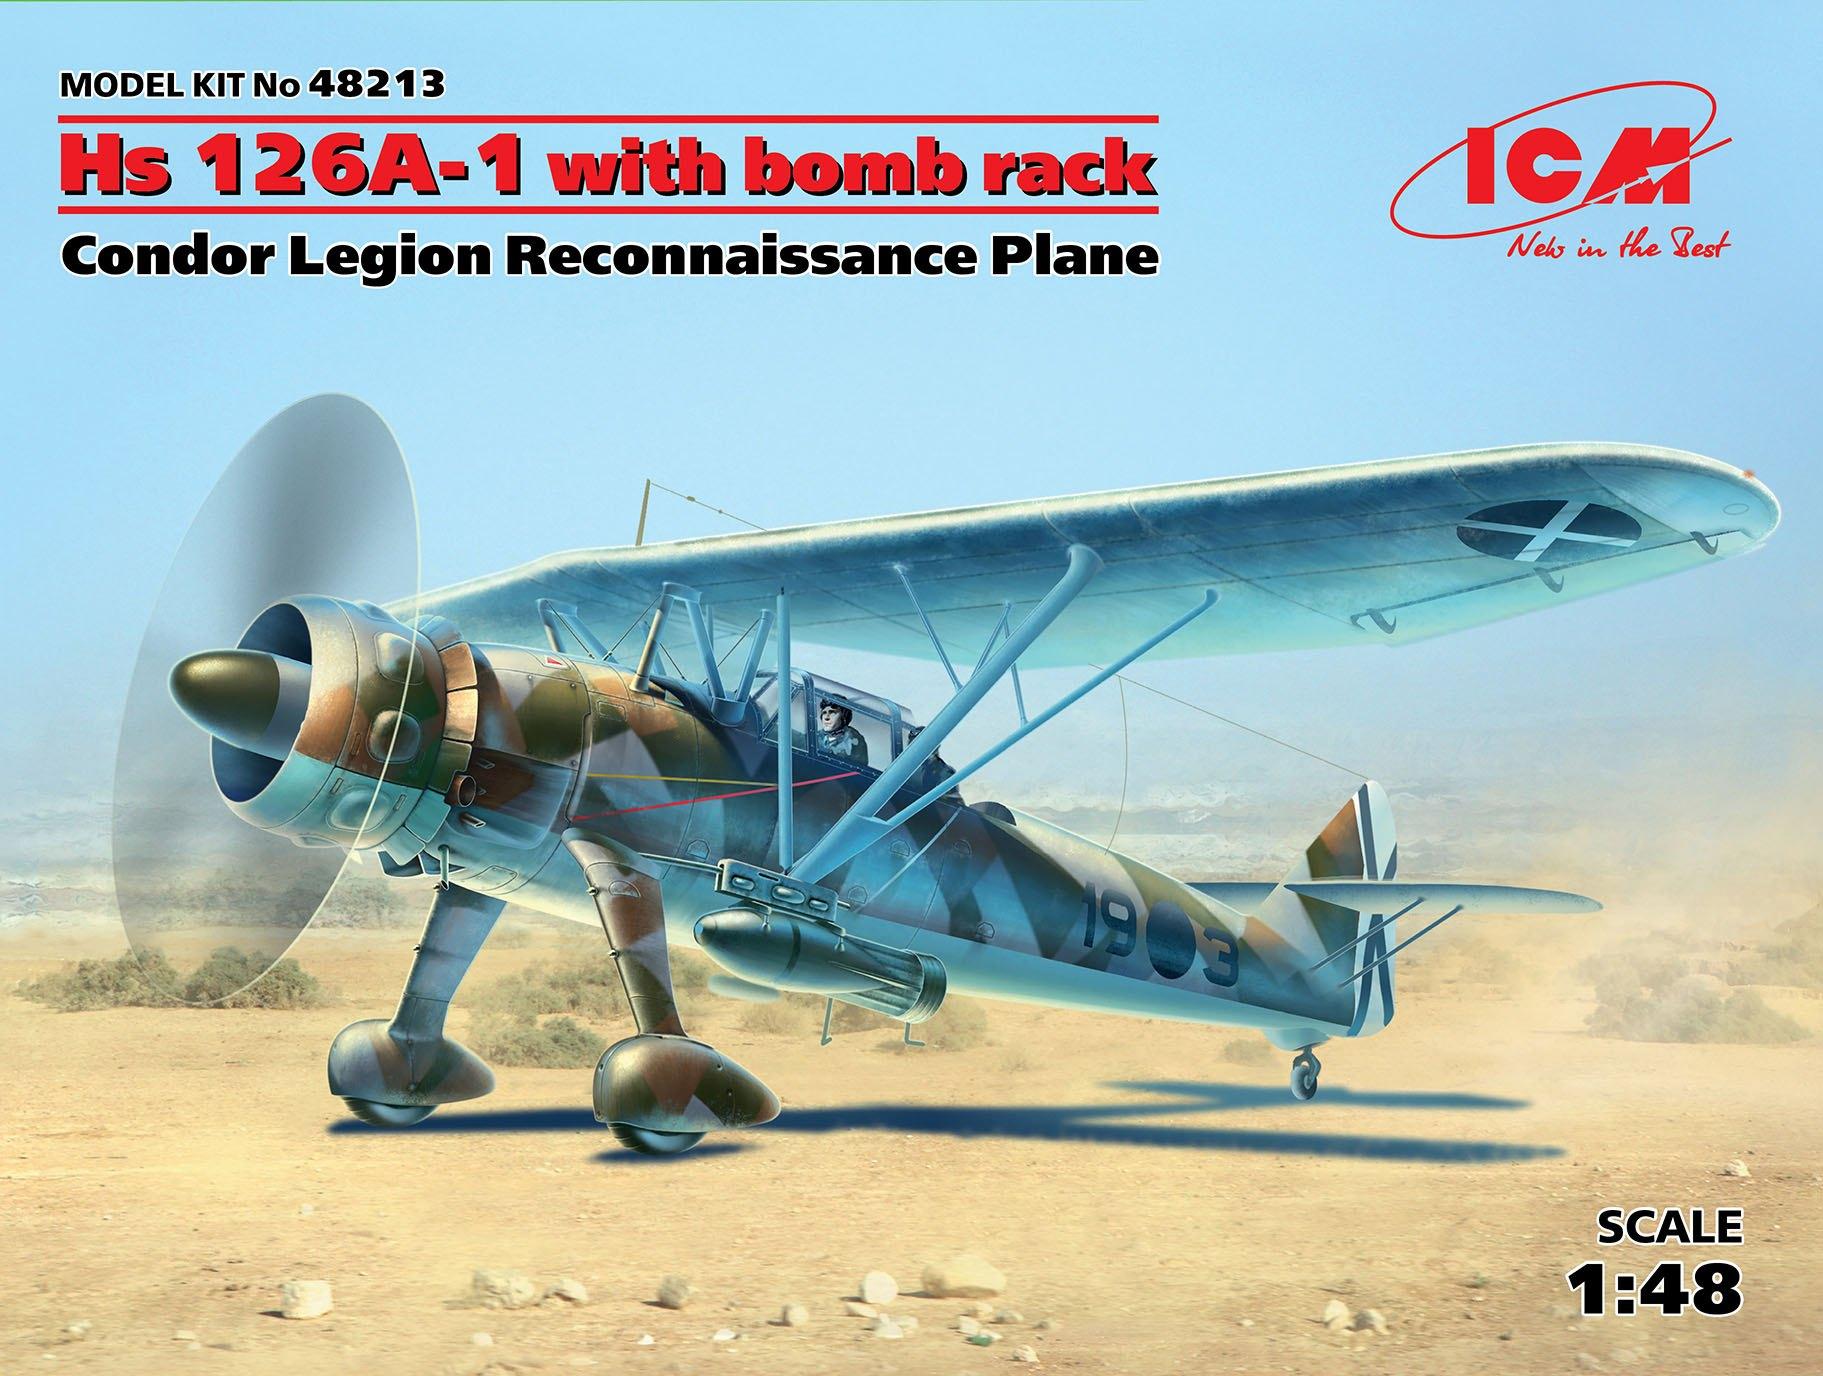 ICM Hs 126A-1 with bomb rack, Condor Legion Reconnaissance Plane